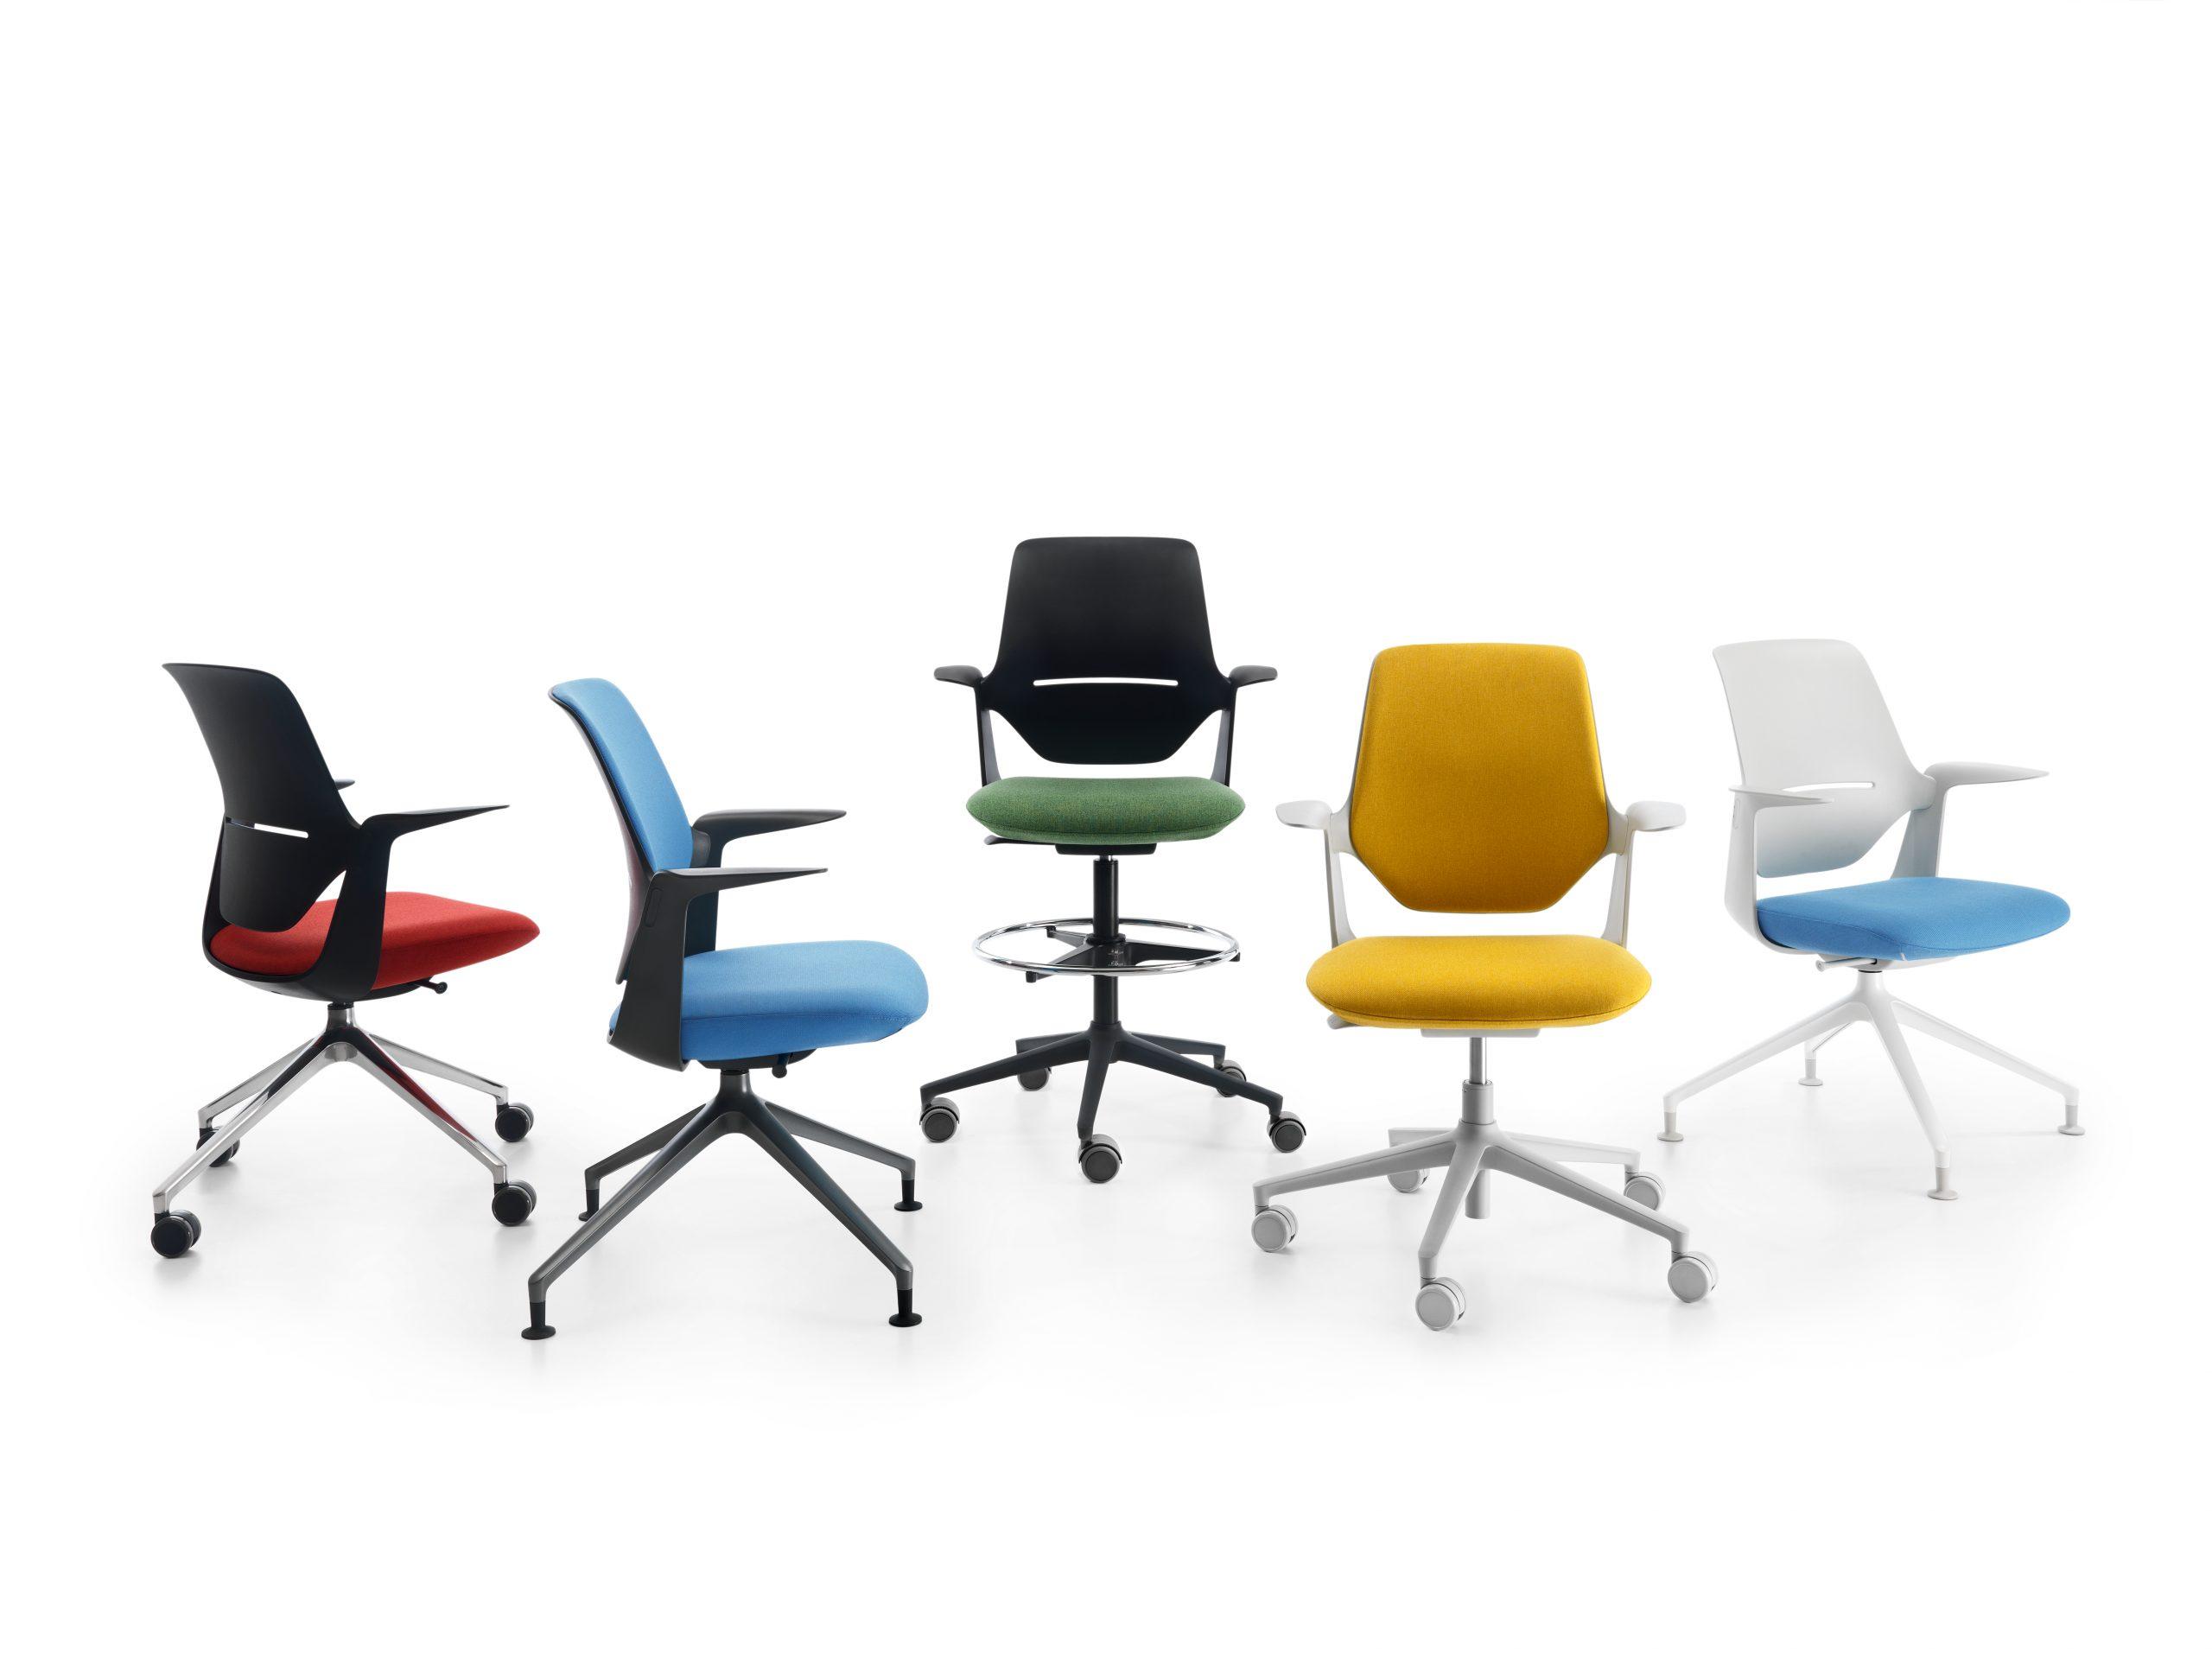 Universāls krēsls darbam, skolēna mācībām un mājas birojam